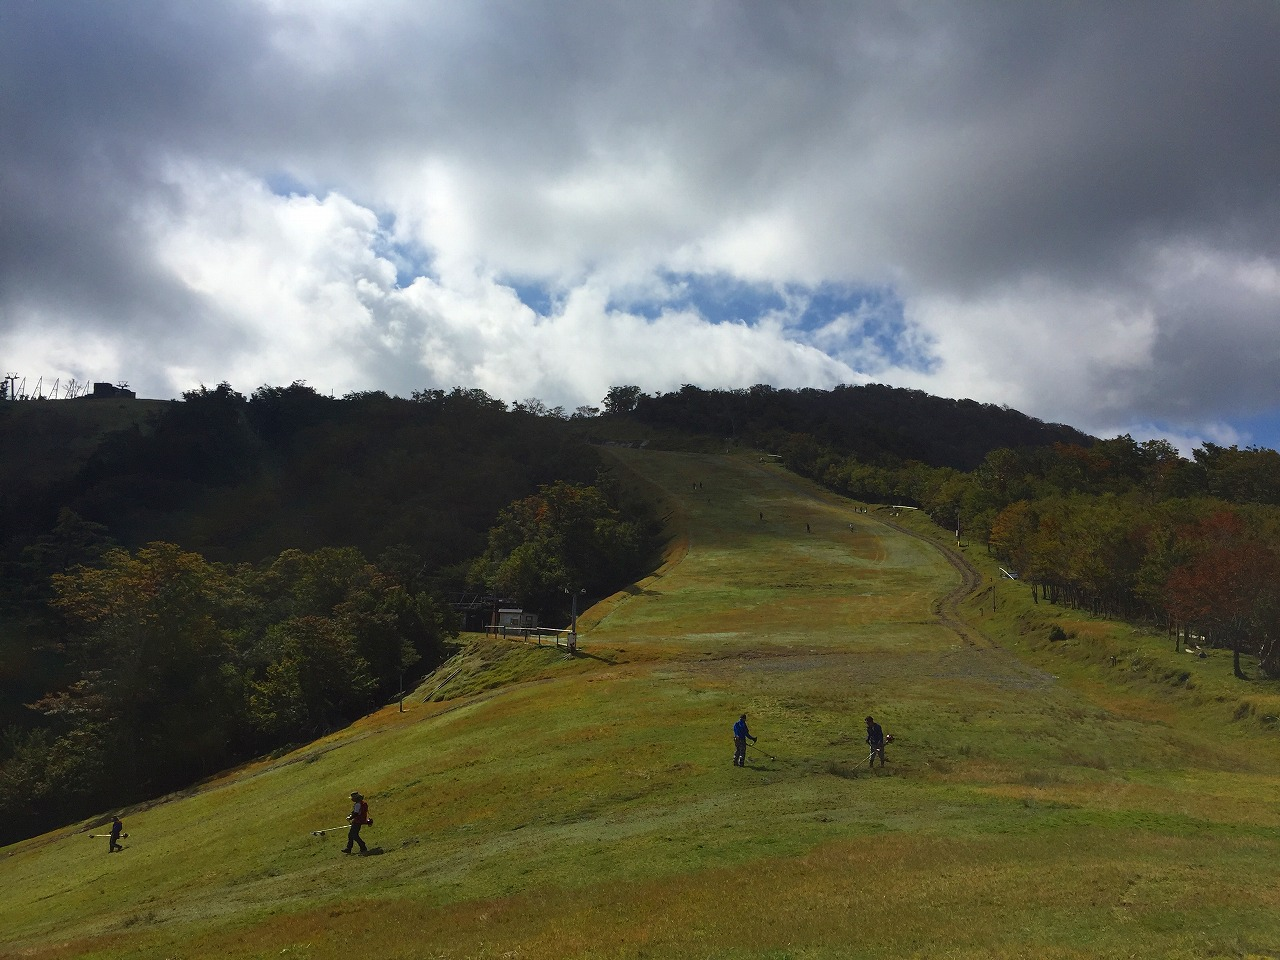 五ケ瀬スキー場 掃除ボランティア